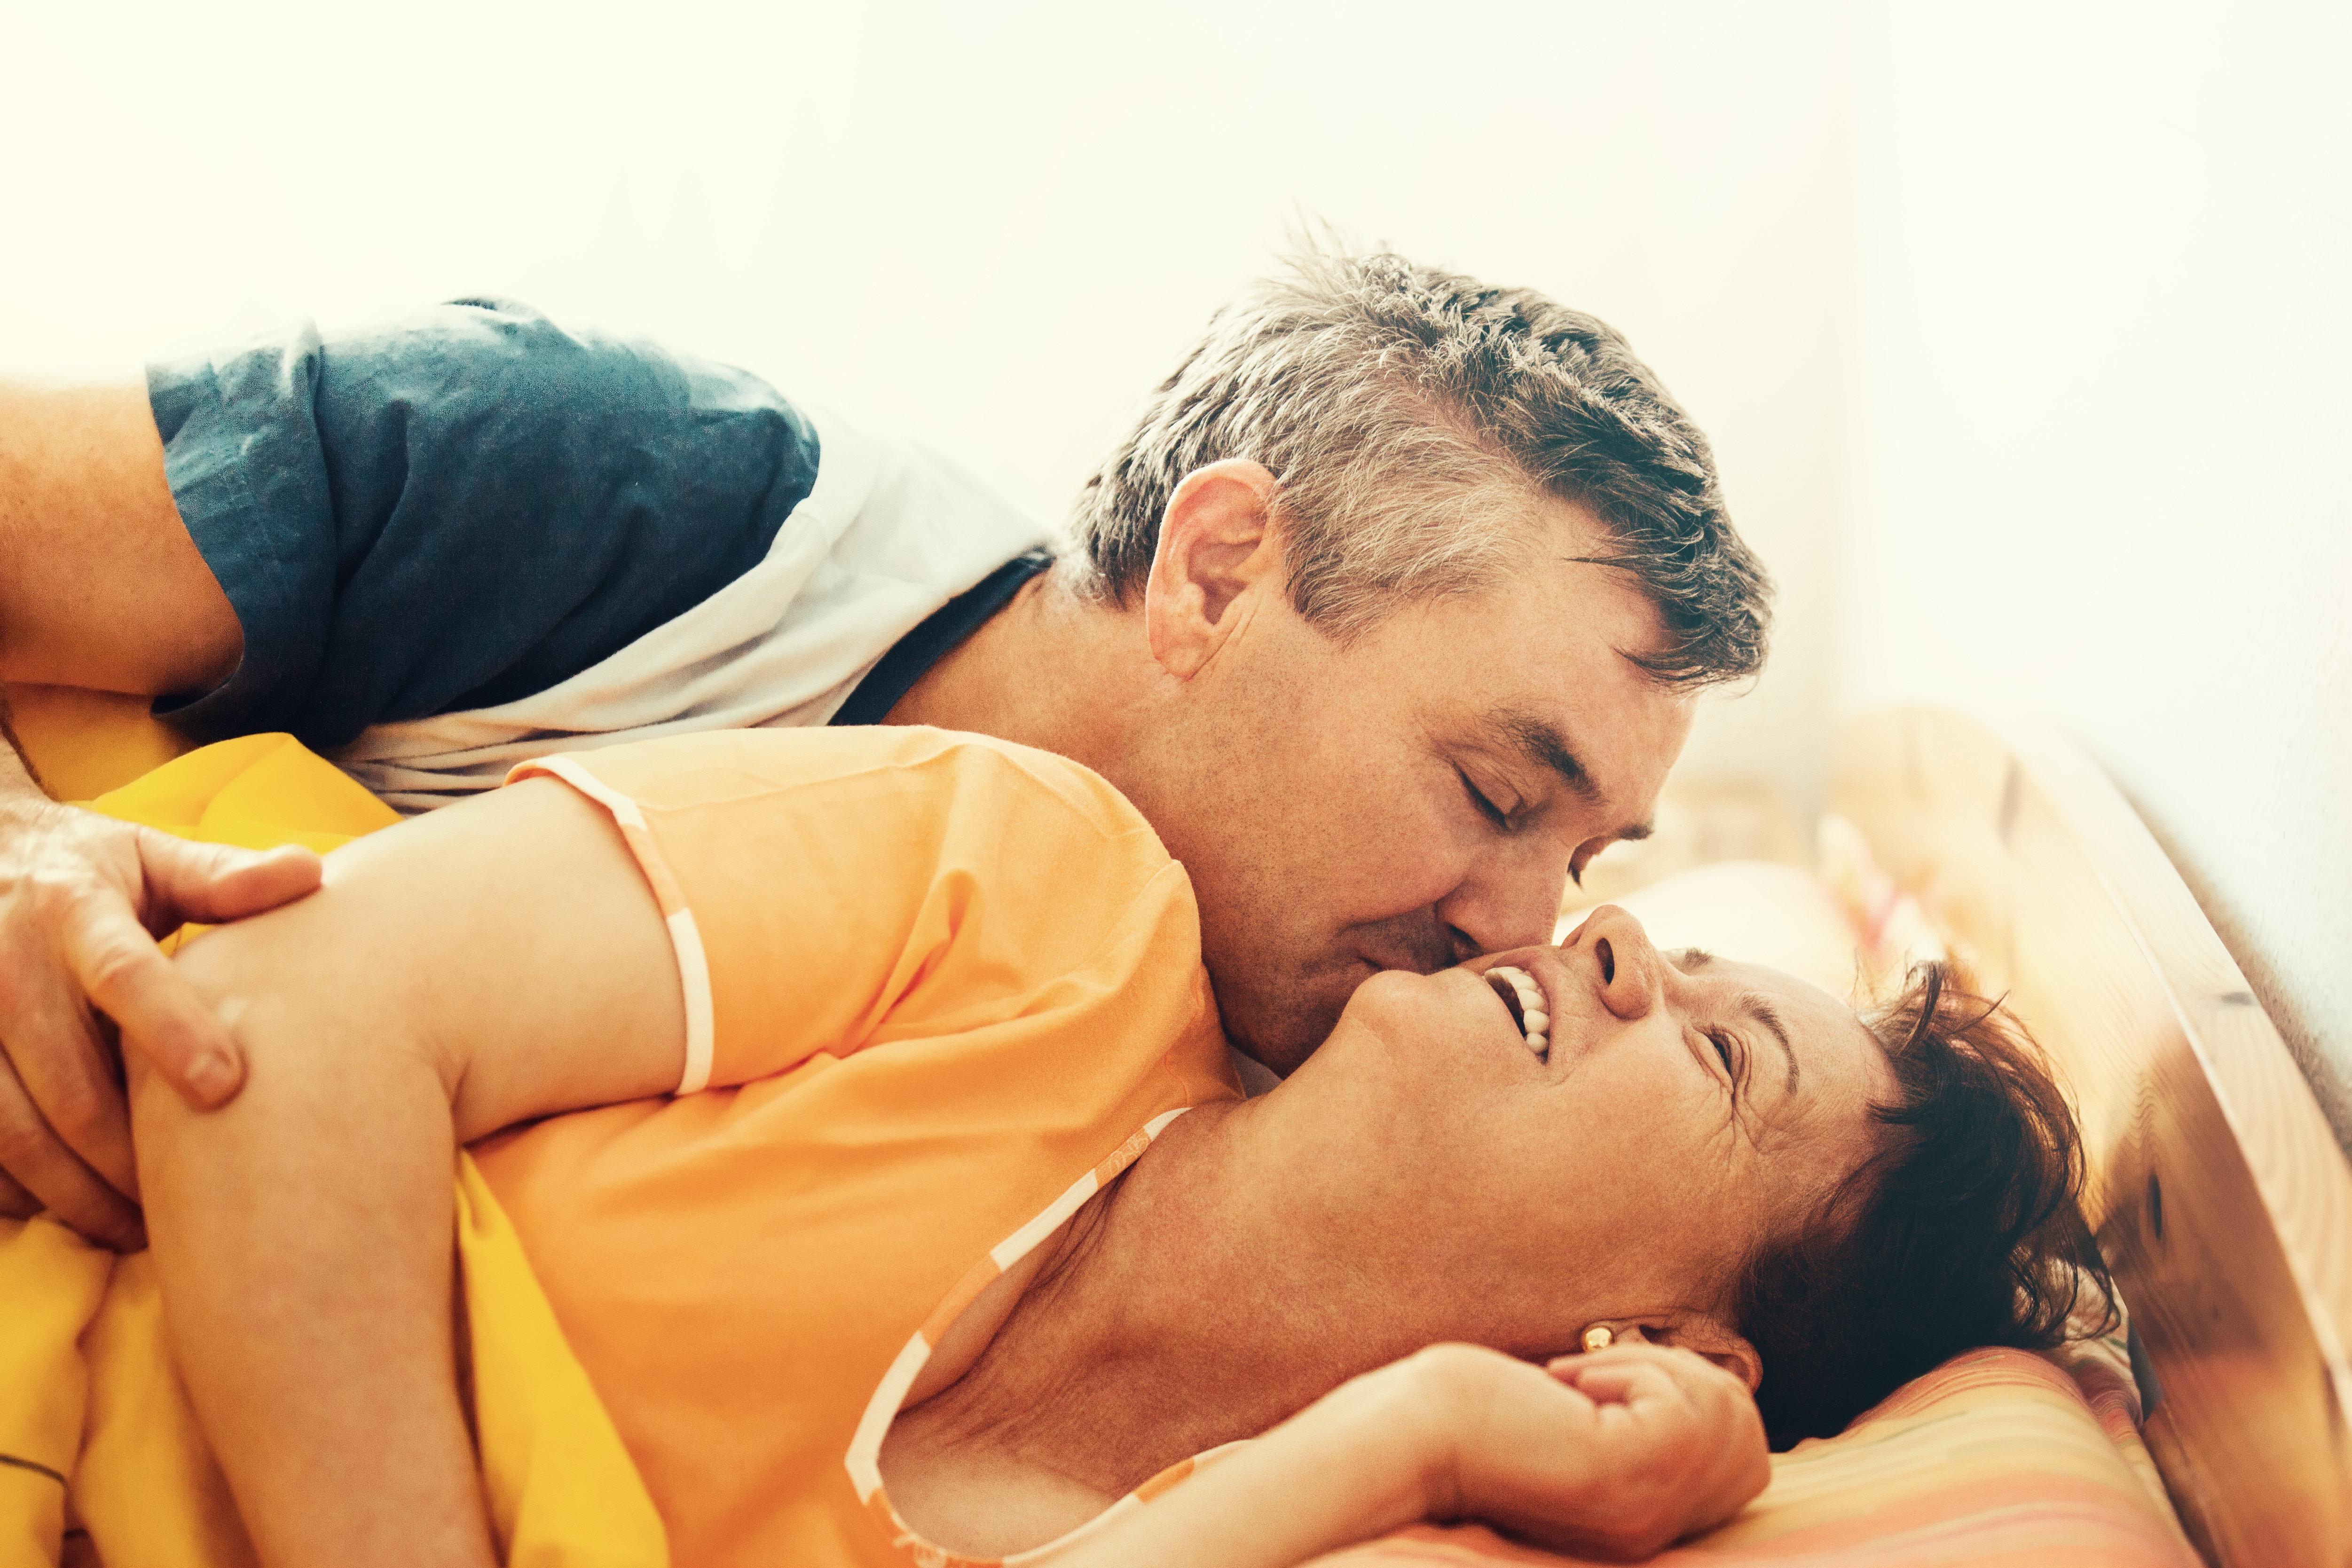 Простой русский домашний секс пары, Русский домашний семейный секс на даче -видео 15 фотография